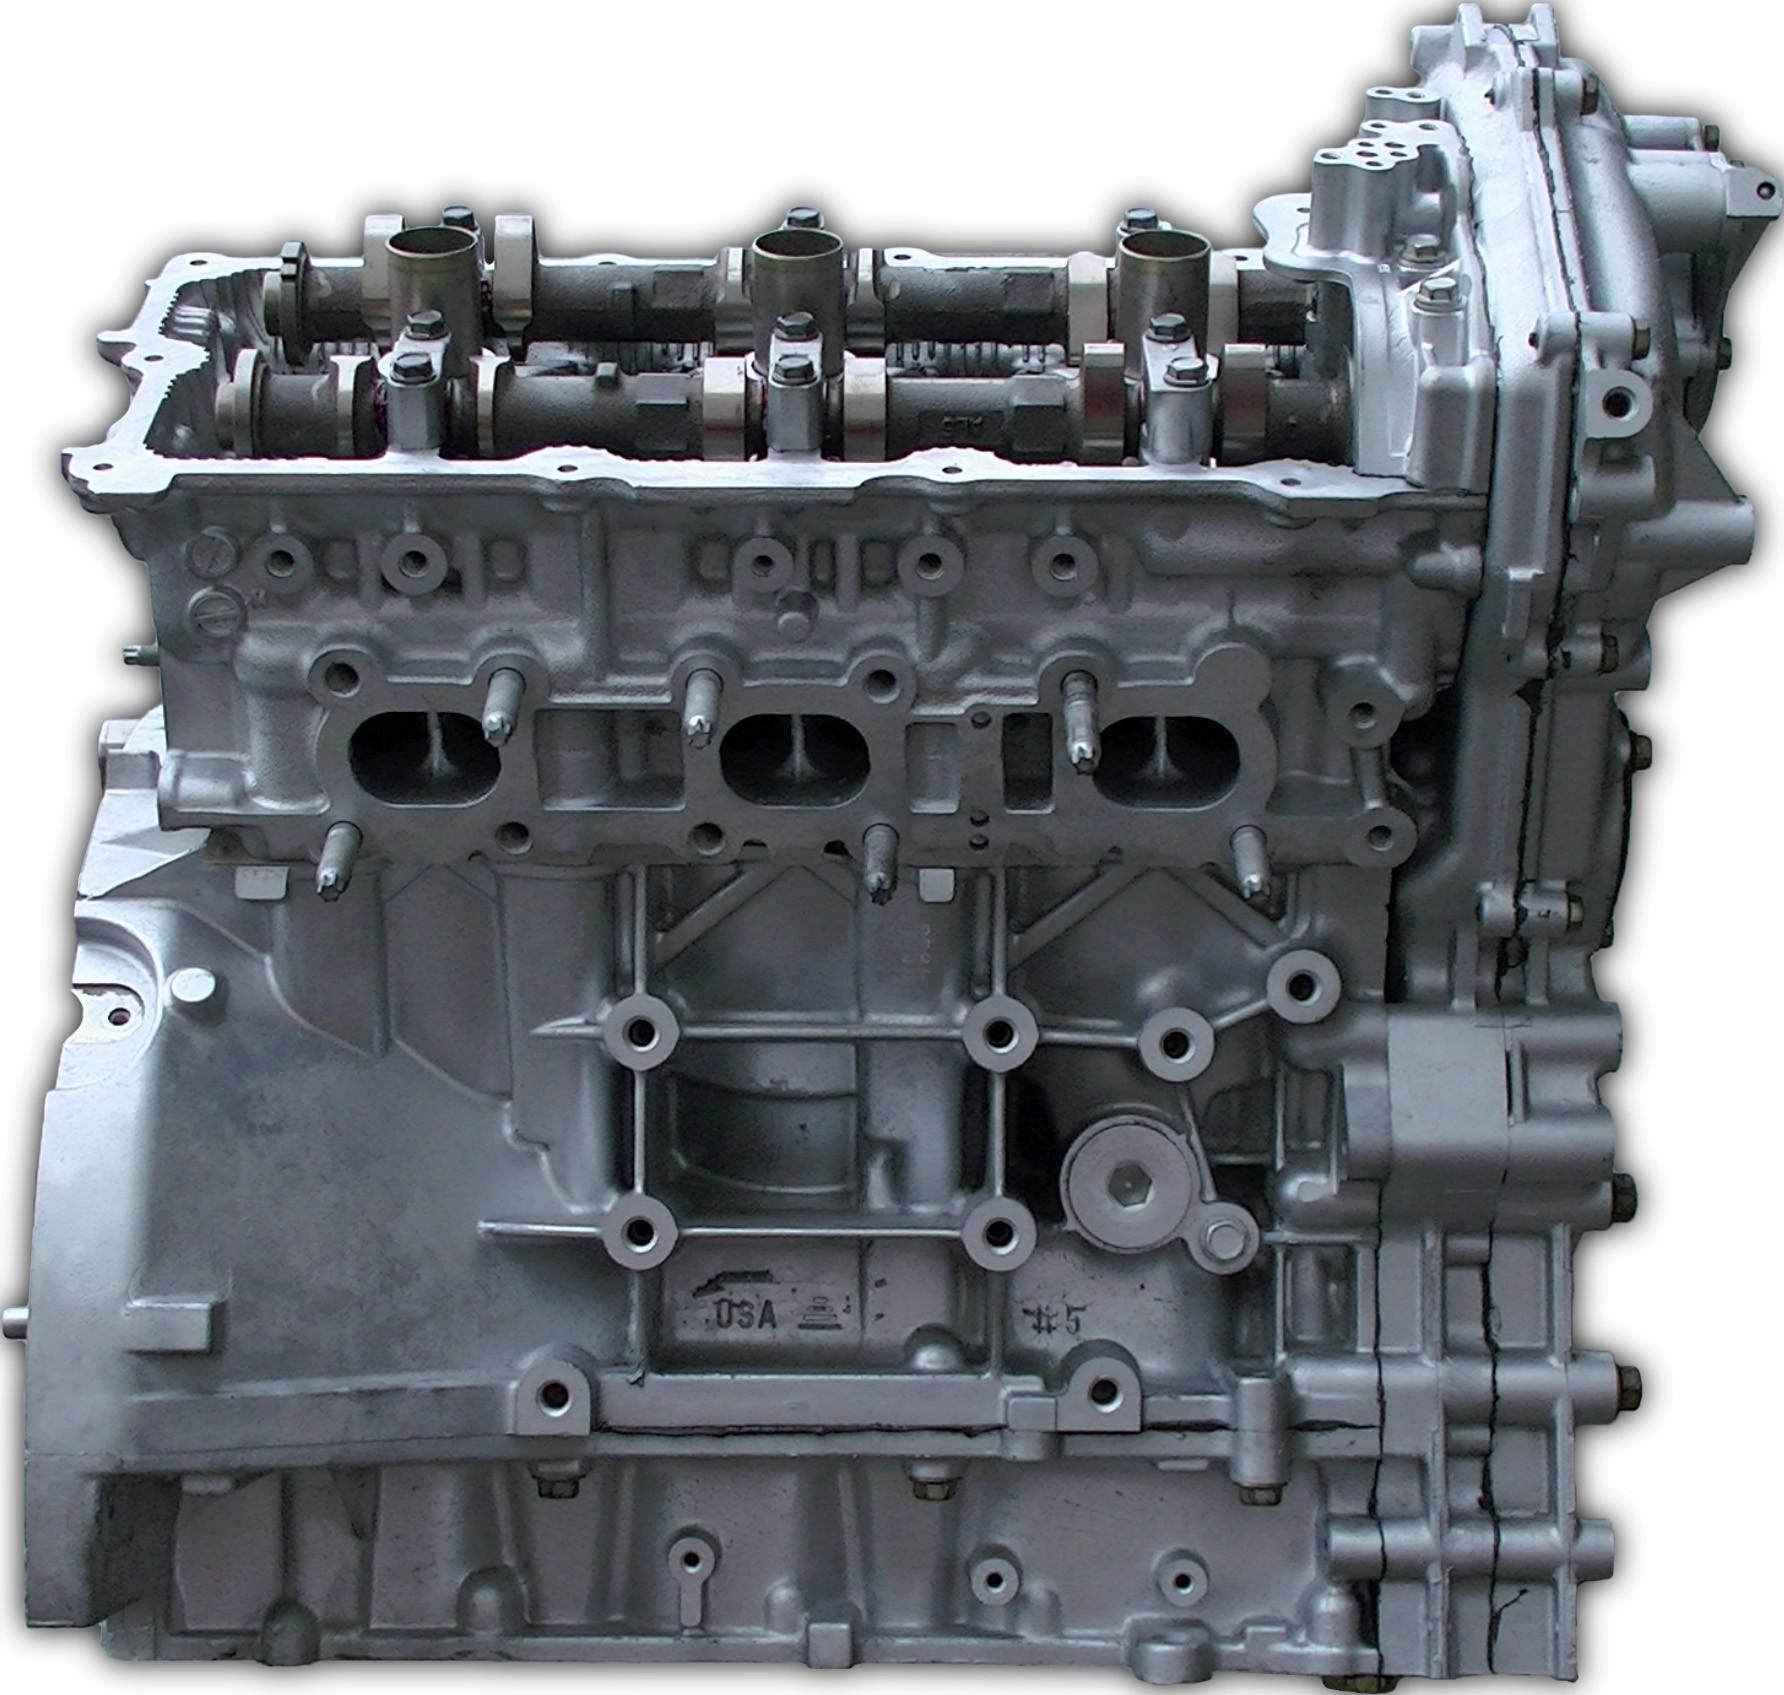 Xterra Supercharged Engine For Sale: Rebuilt Xterra Motors